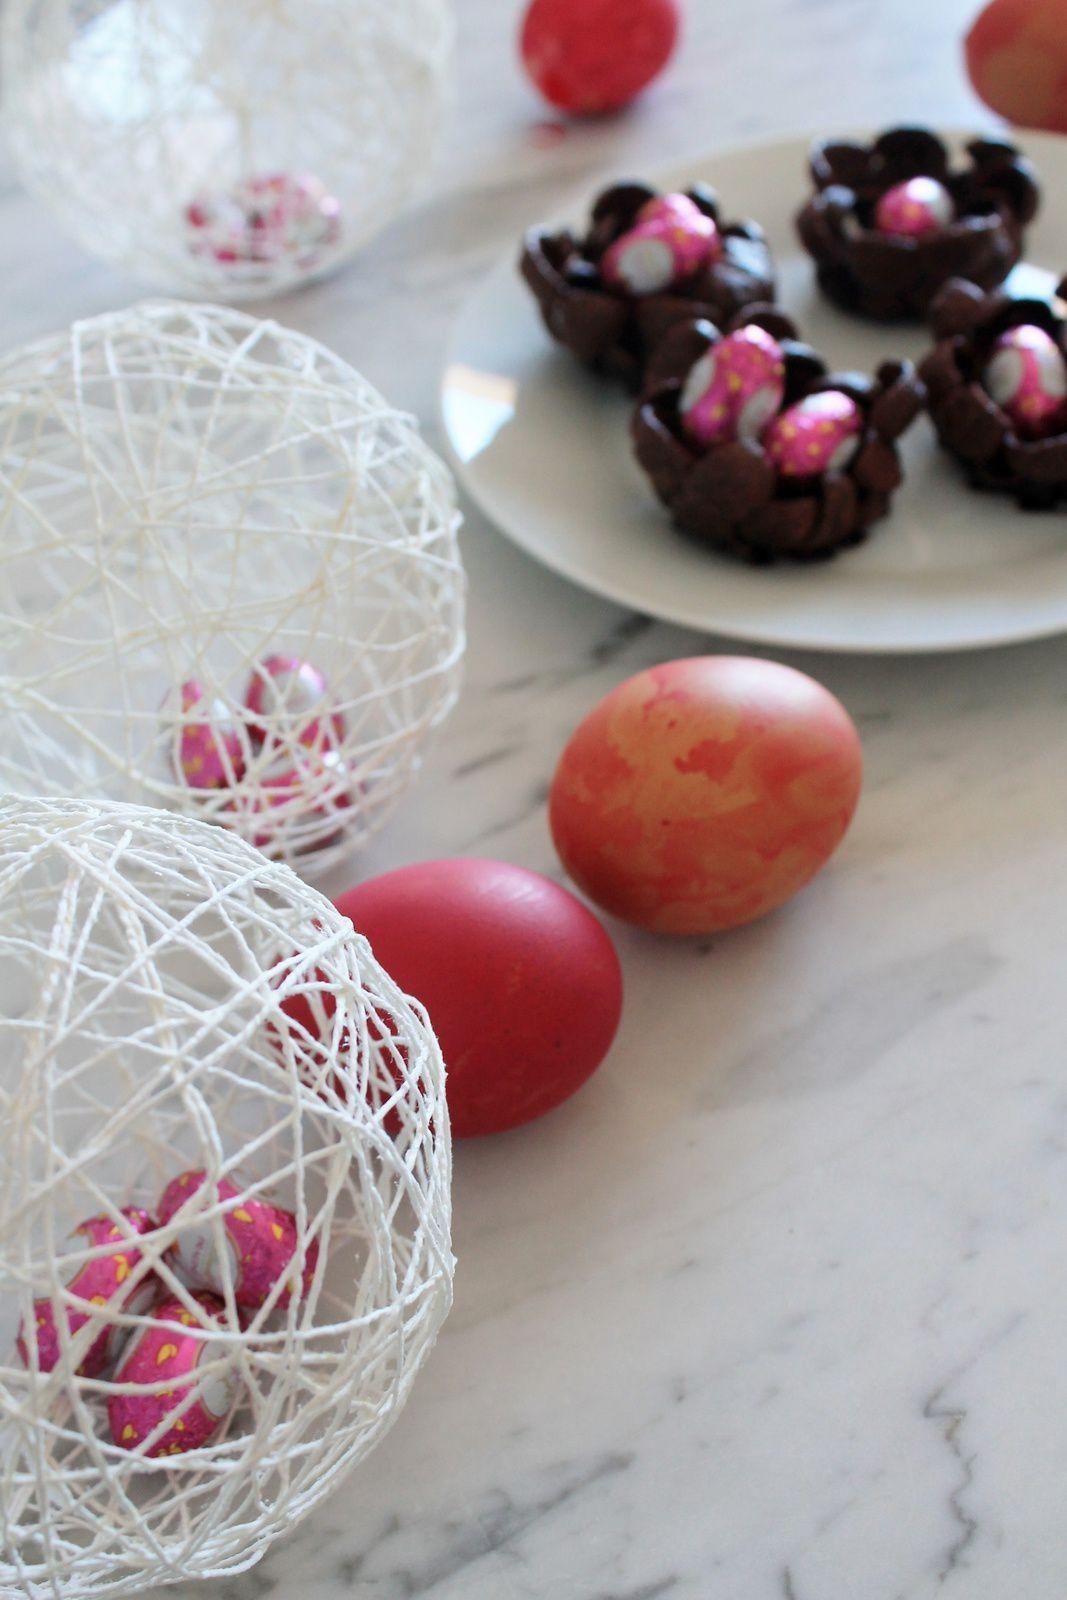 Ous de Pasqua (oeufs de Pâques)